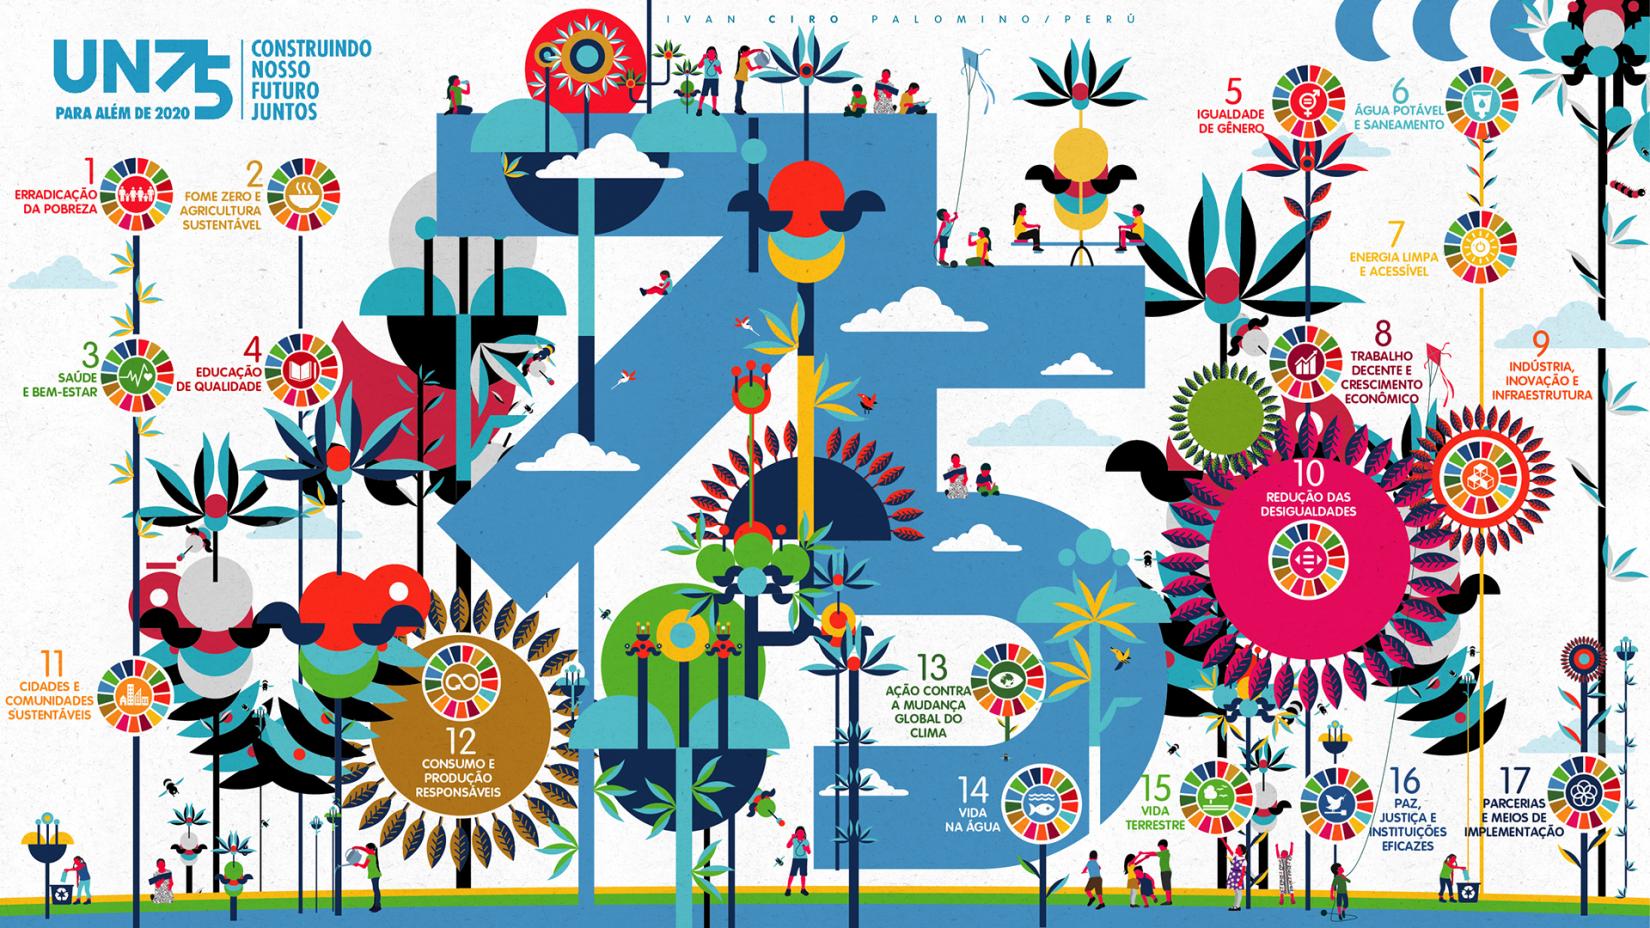 Ilustração para o UN75 Brasil mostra os 17 Objetivos de Desenvolvimento Sustentável